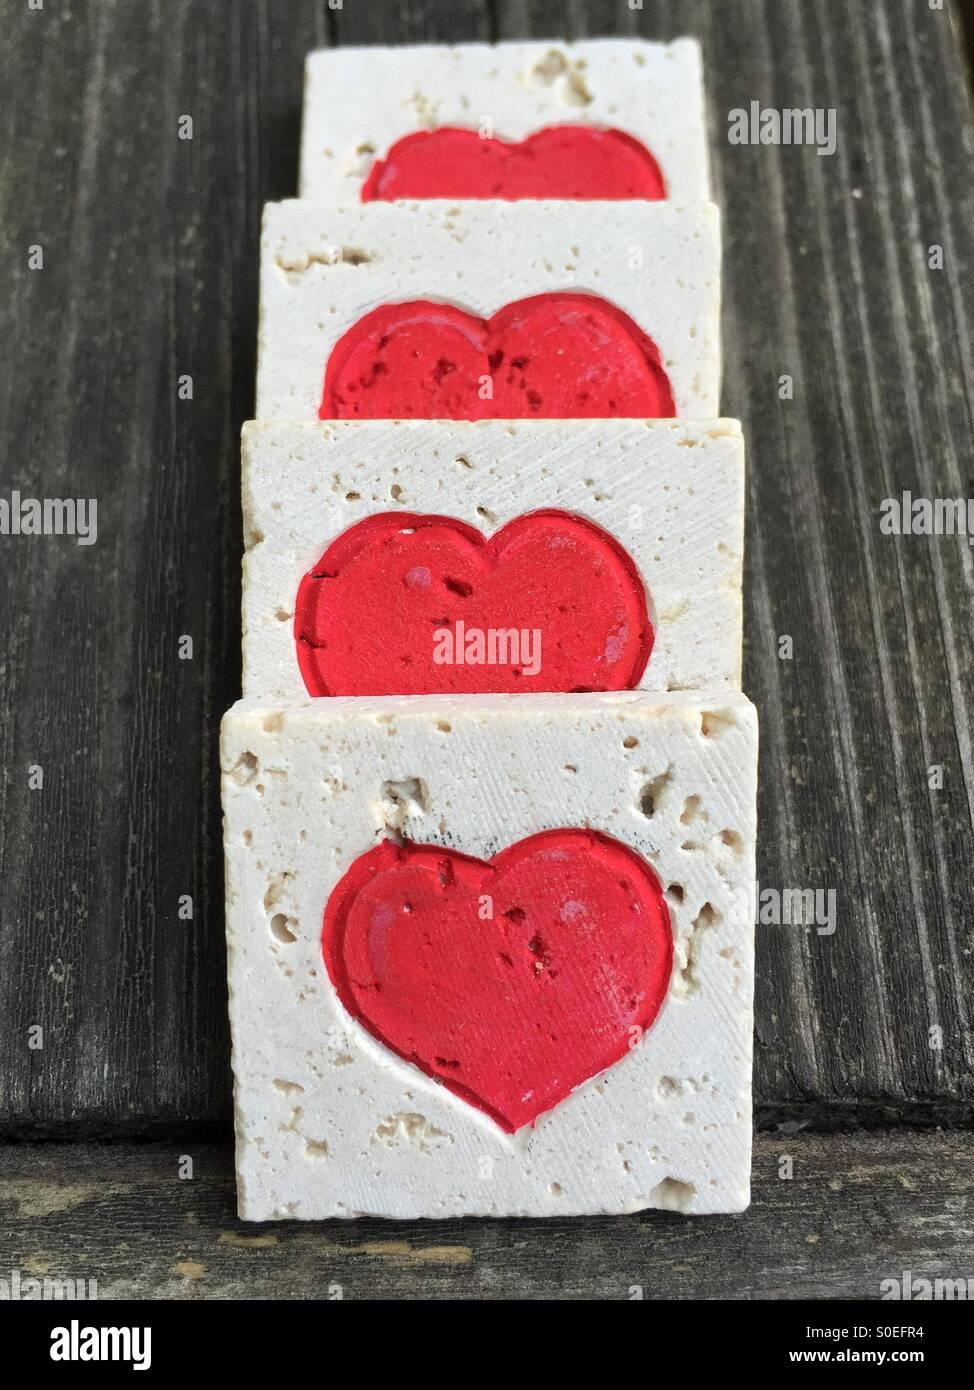 Juego de amor corazones Imagen De Stock